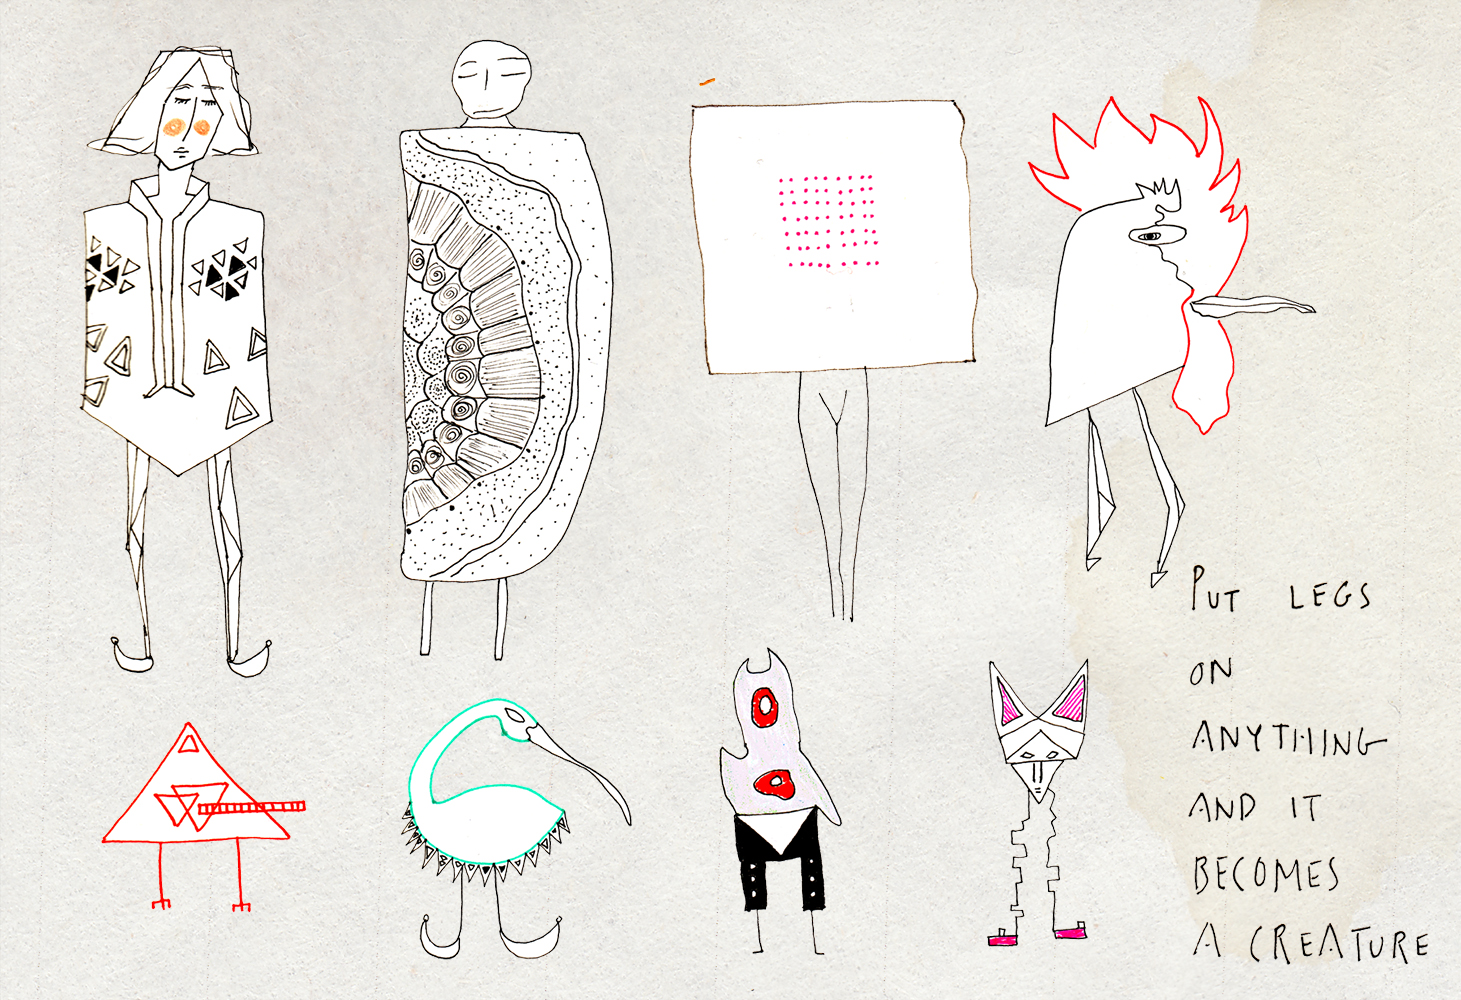 ^ original sketch